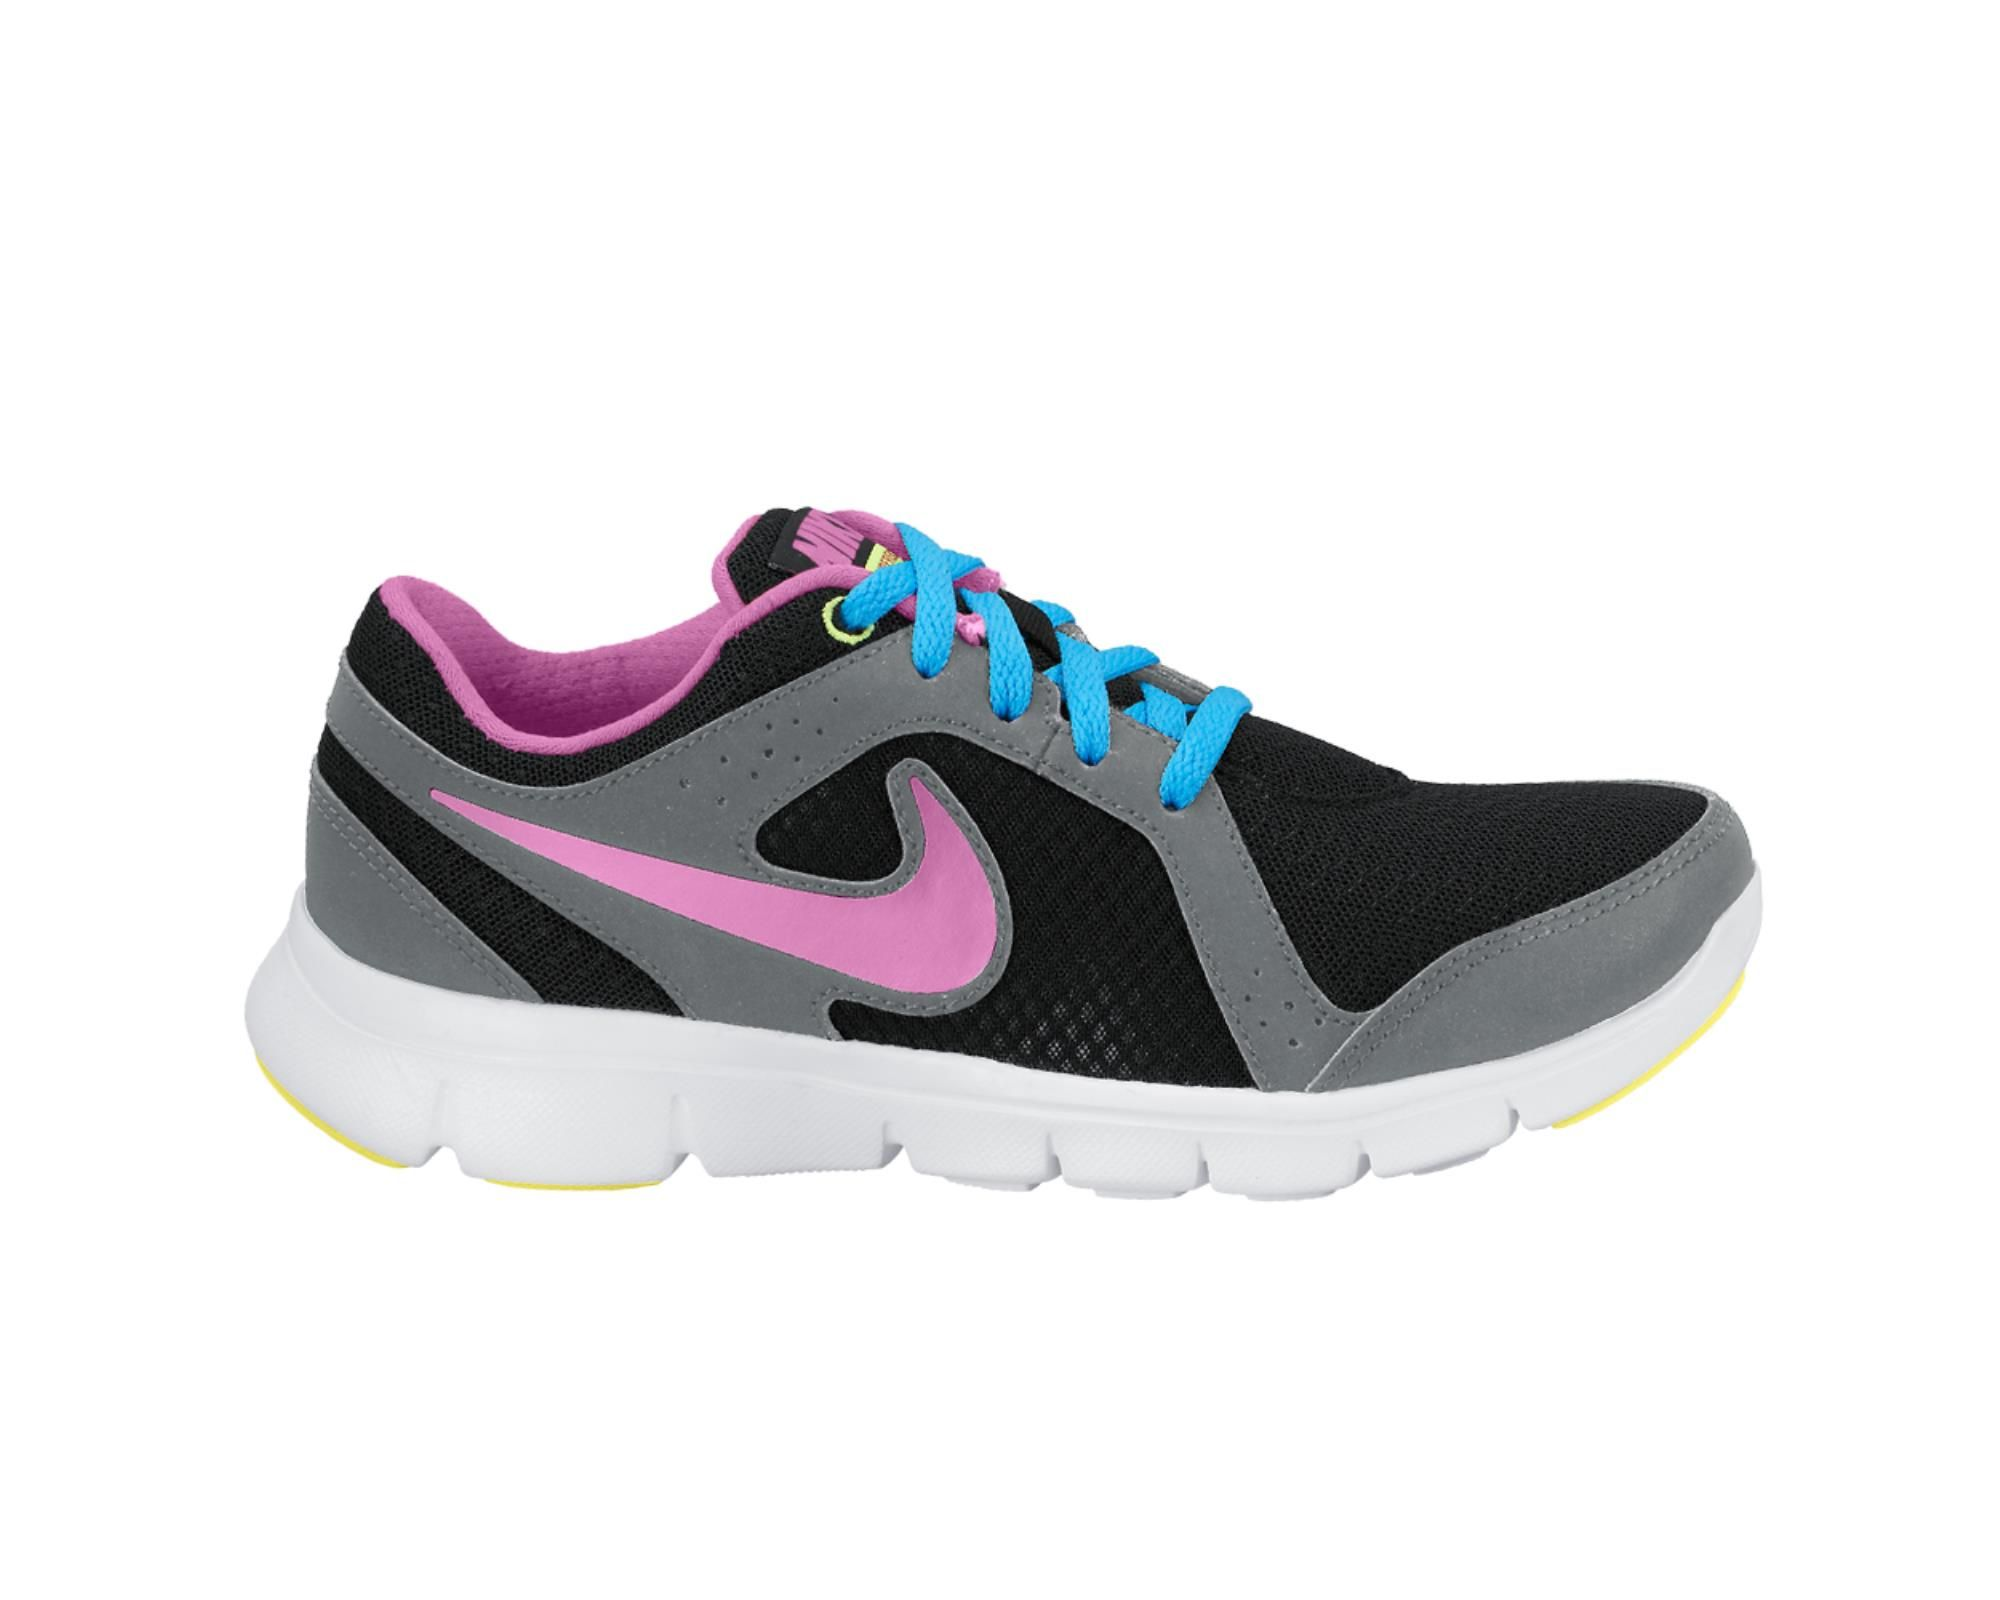 Nike Flex Experience Gs Siyah Pembe Gri Http Kosu Korayspor Com Nike Kosu Ayakkabi Nike Flex Experience Gs 599344 004 Ayakkabilar Siyah Pembe